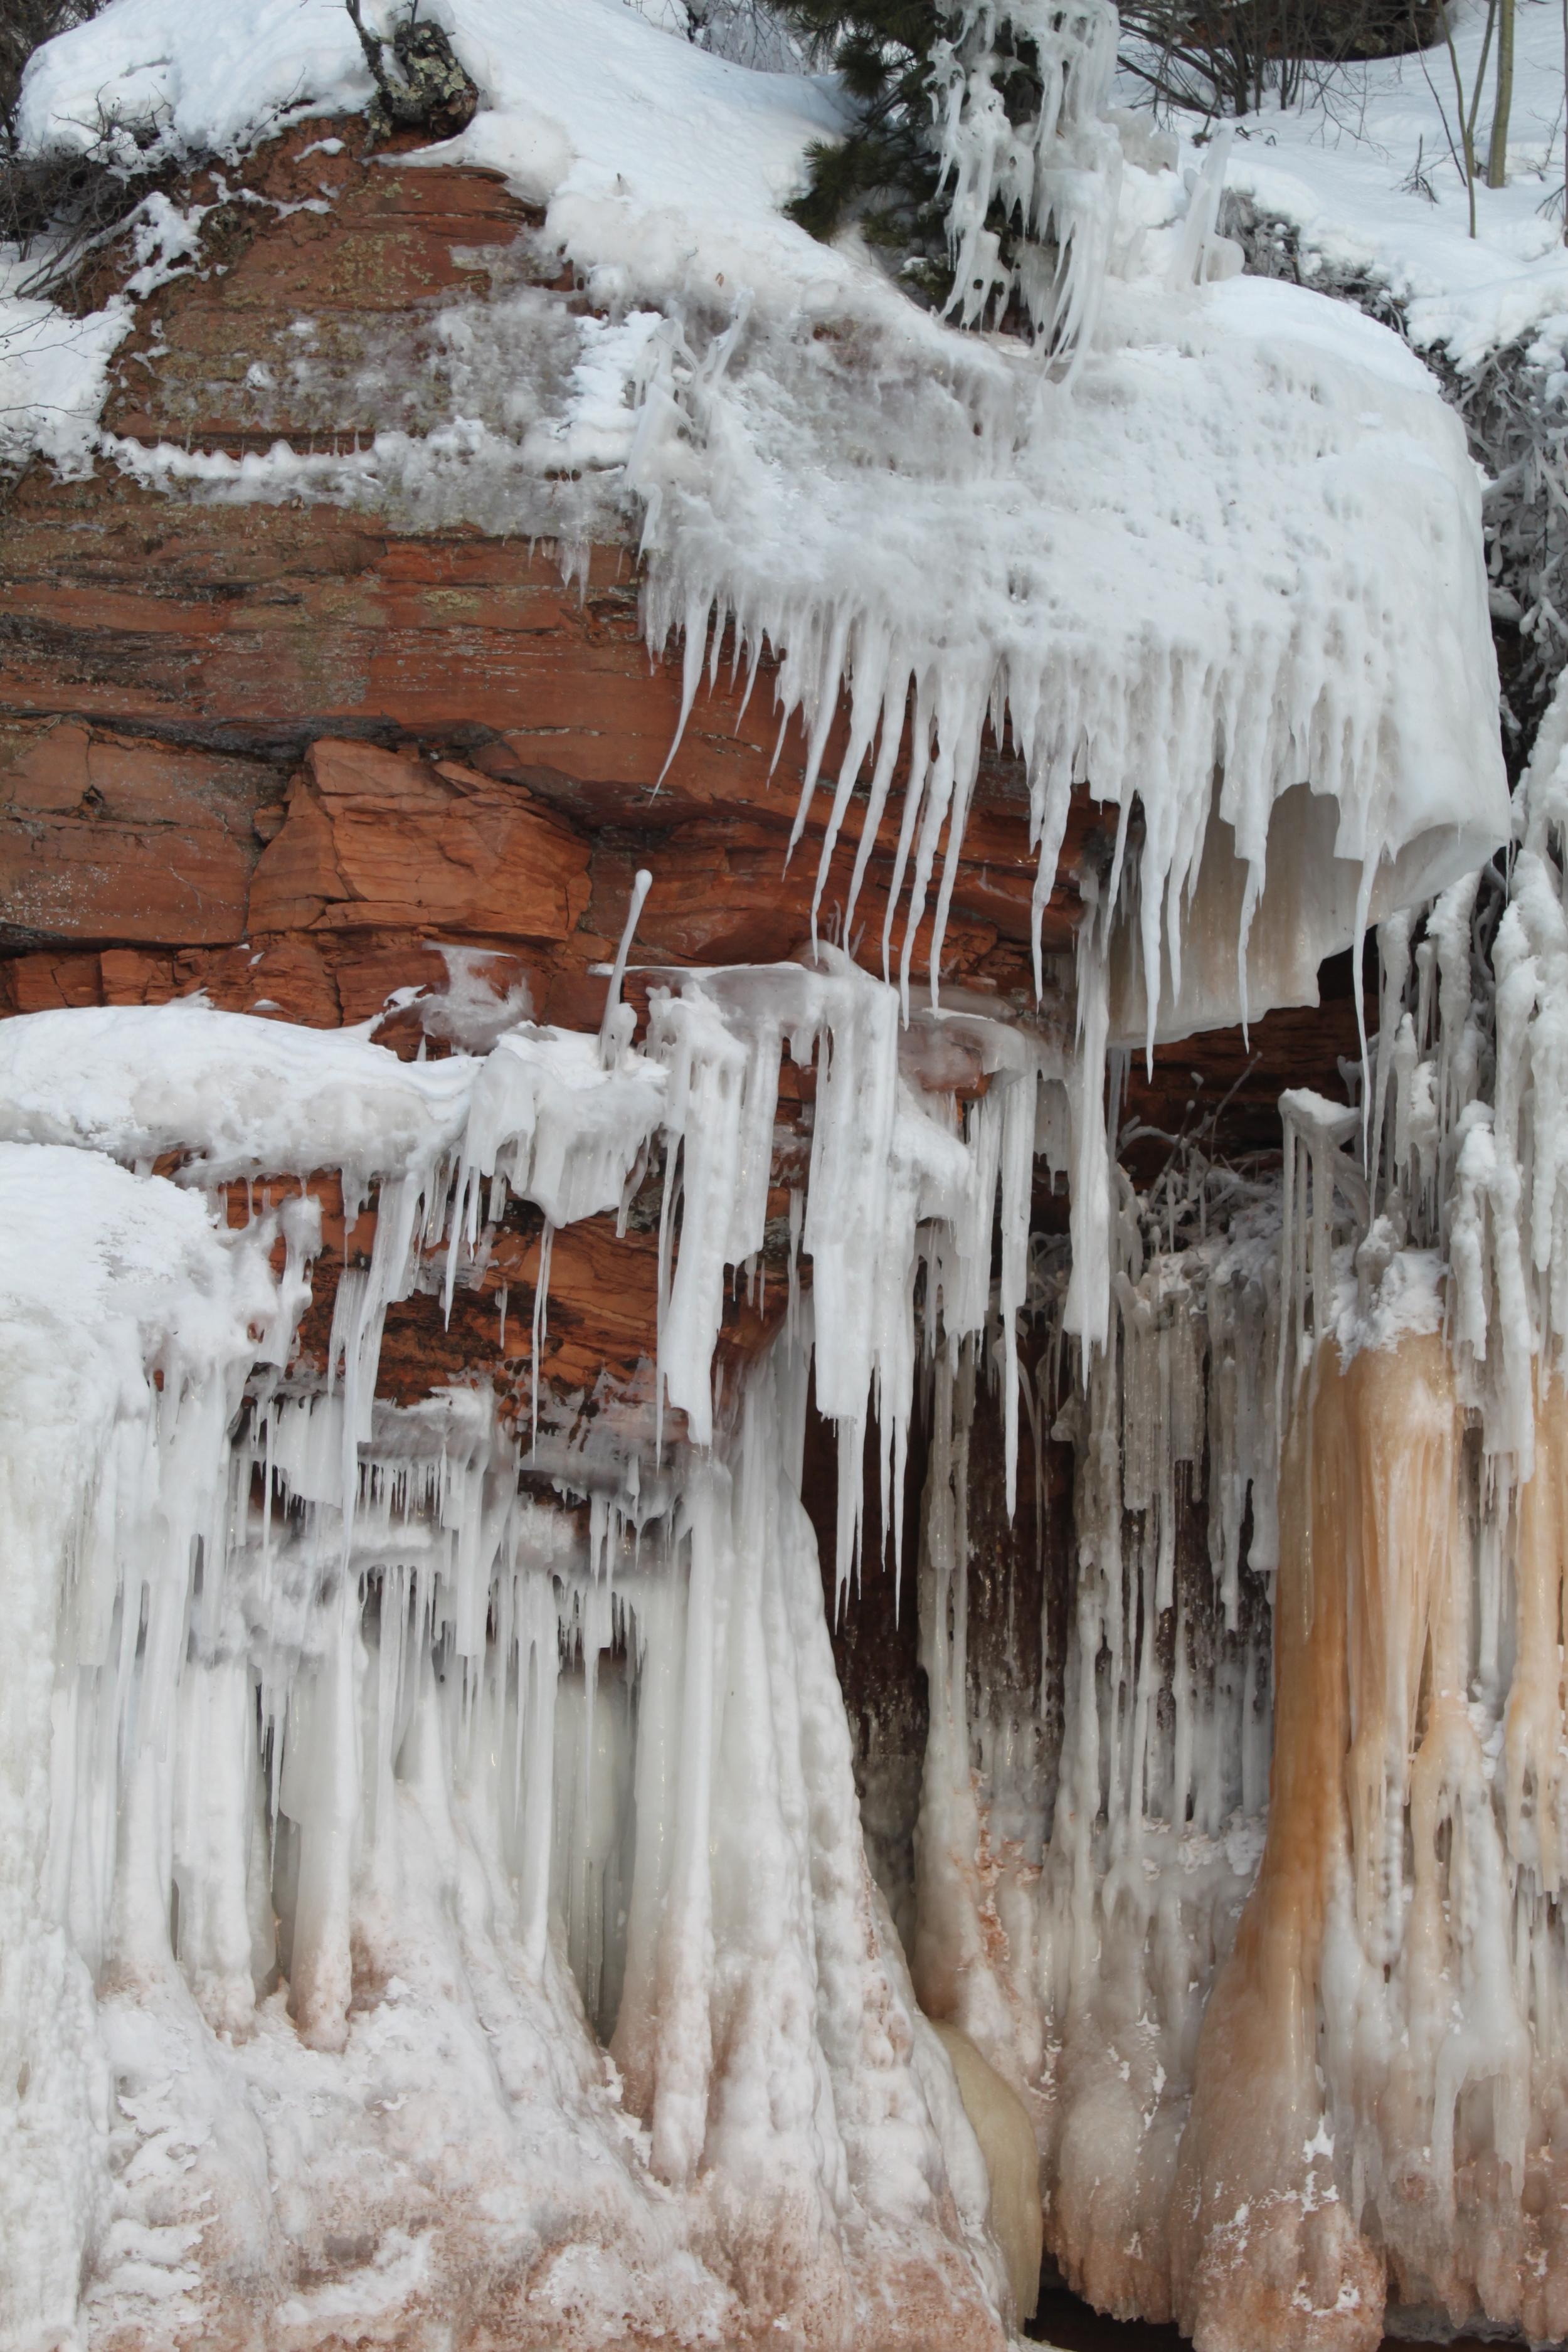 stalactites meeting stalagmites in the rock overhangs